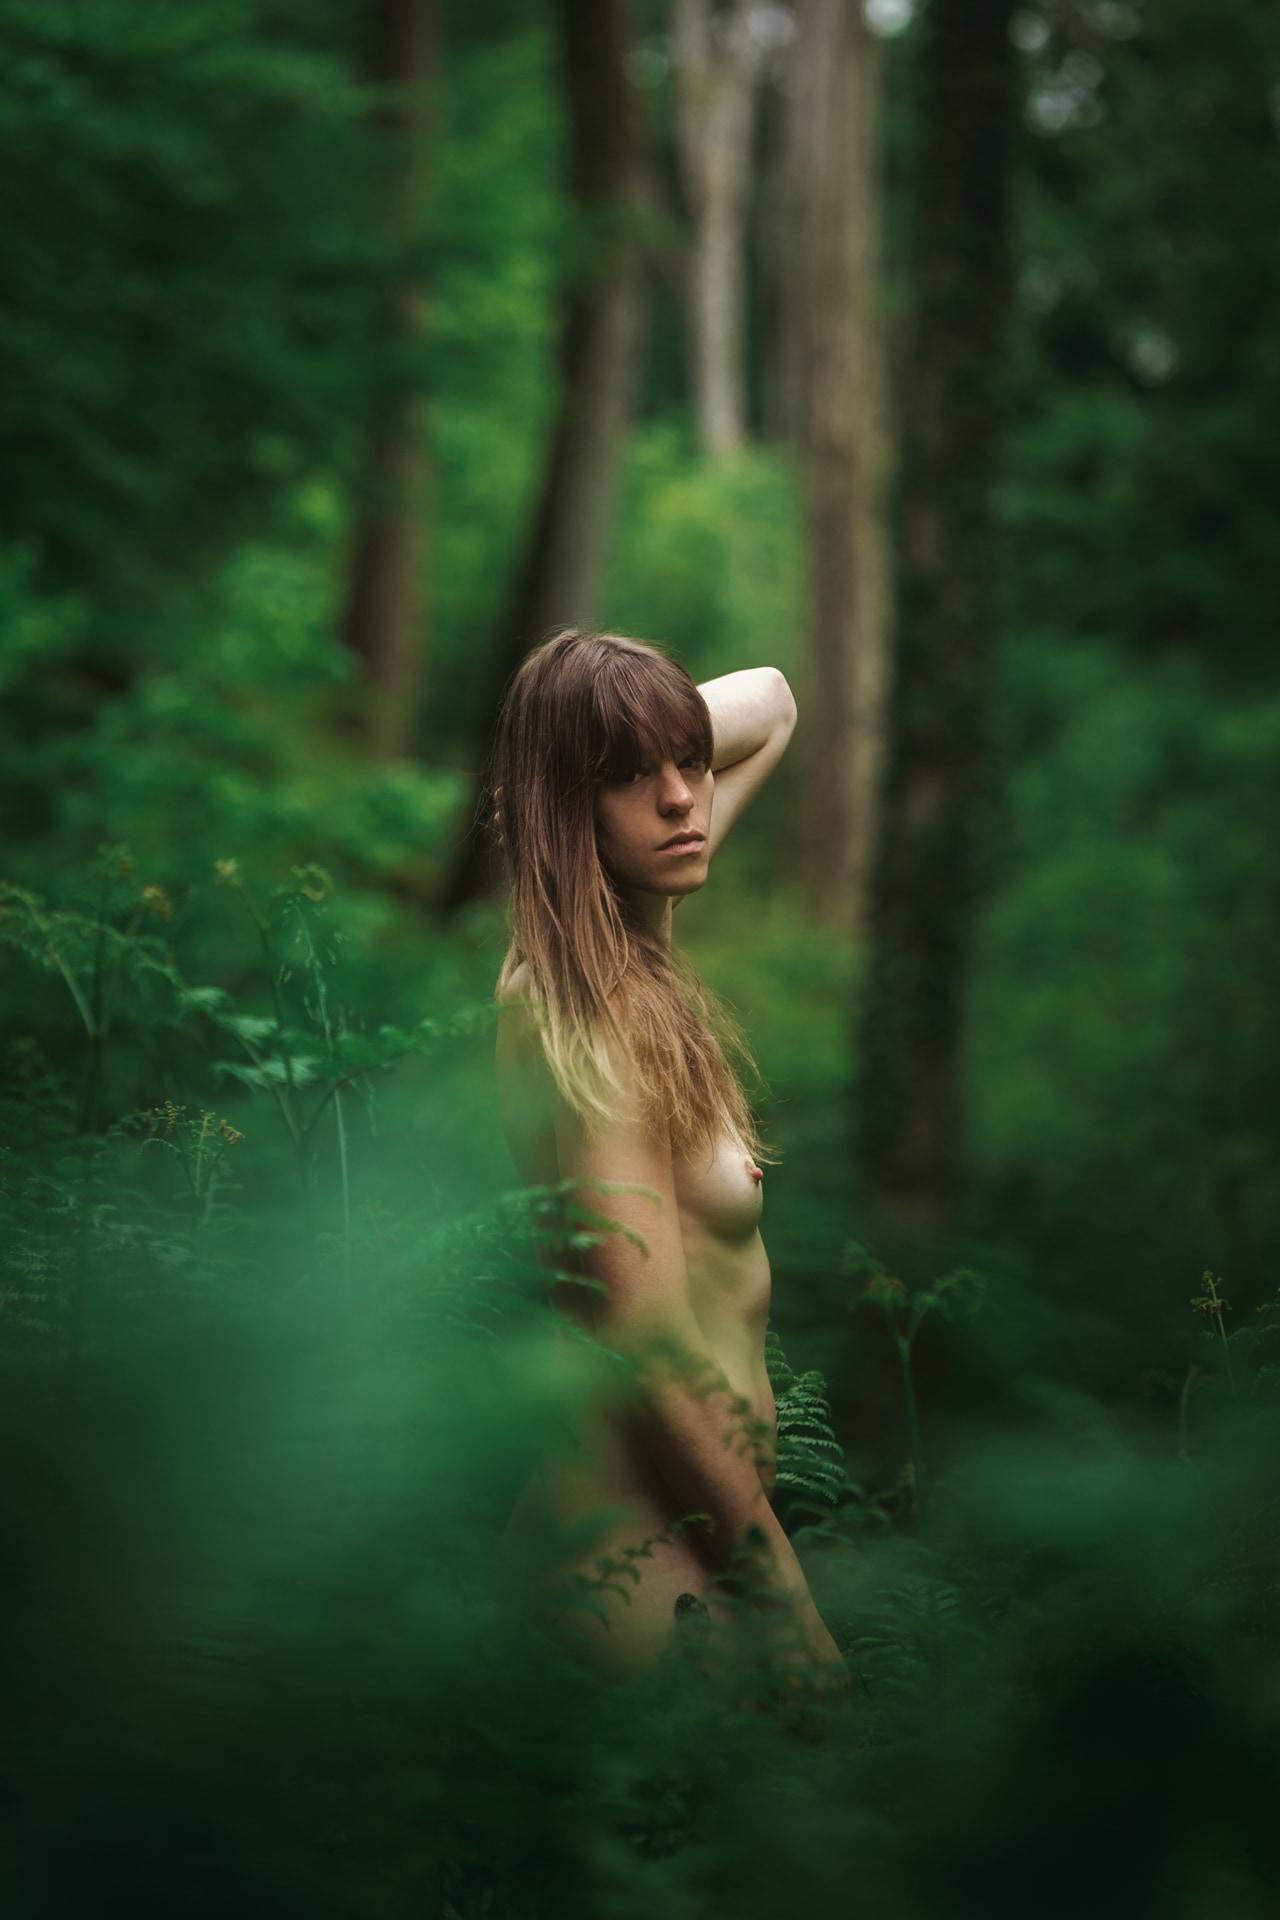 Mél - Forest - v1-photo-foret-nue-artistique-fougere--8